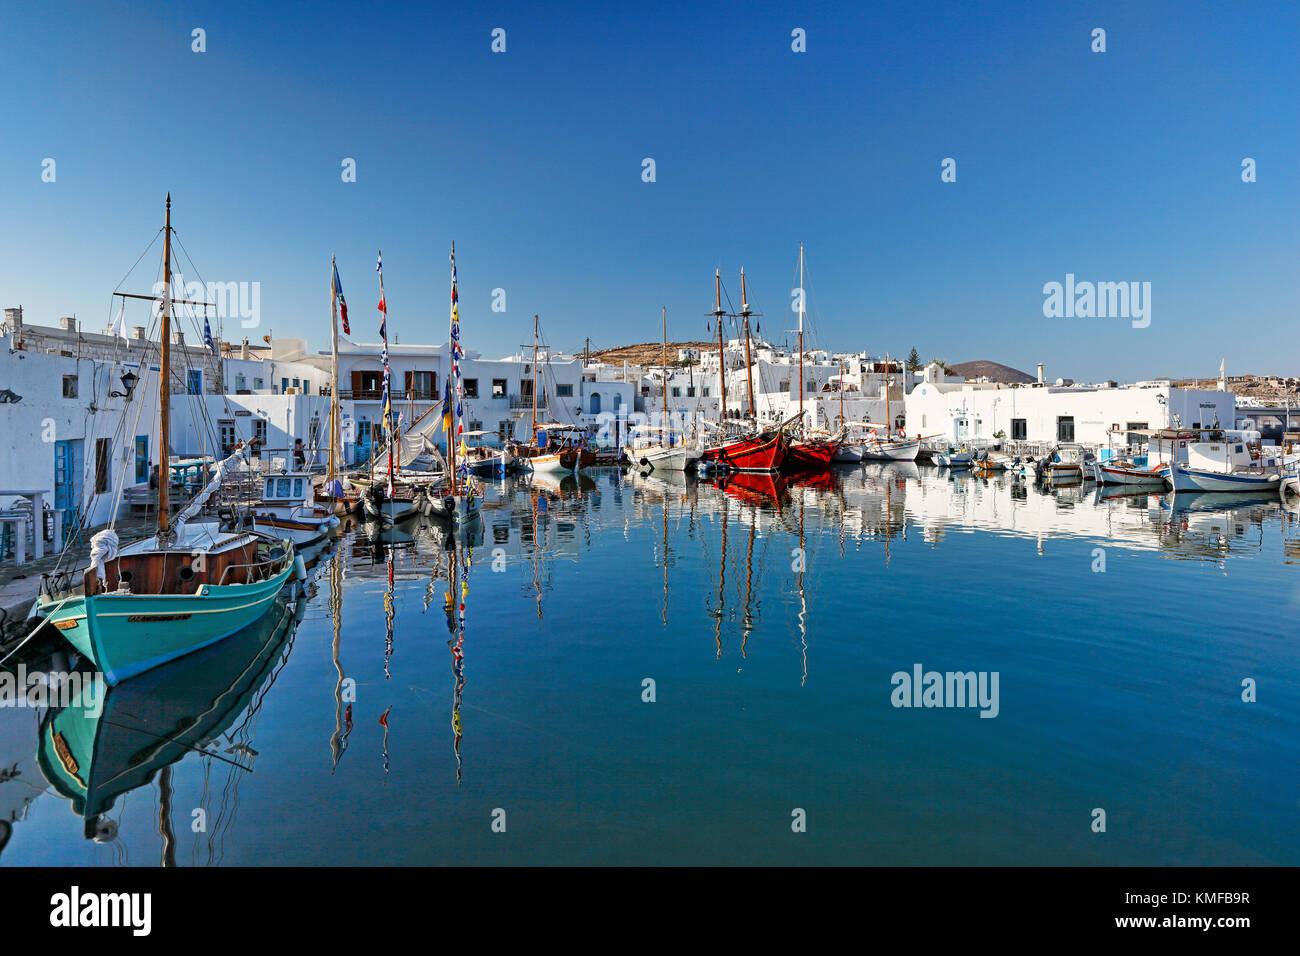 Boote im Hafen von Naoussa auf der Insel Paros, Griechenland Stockbild